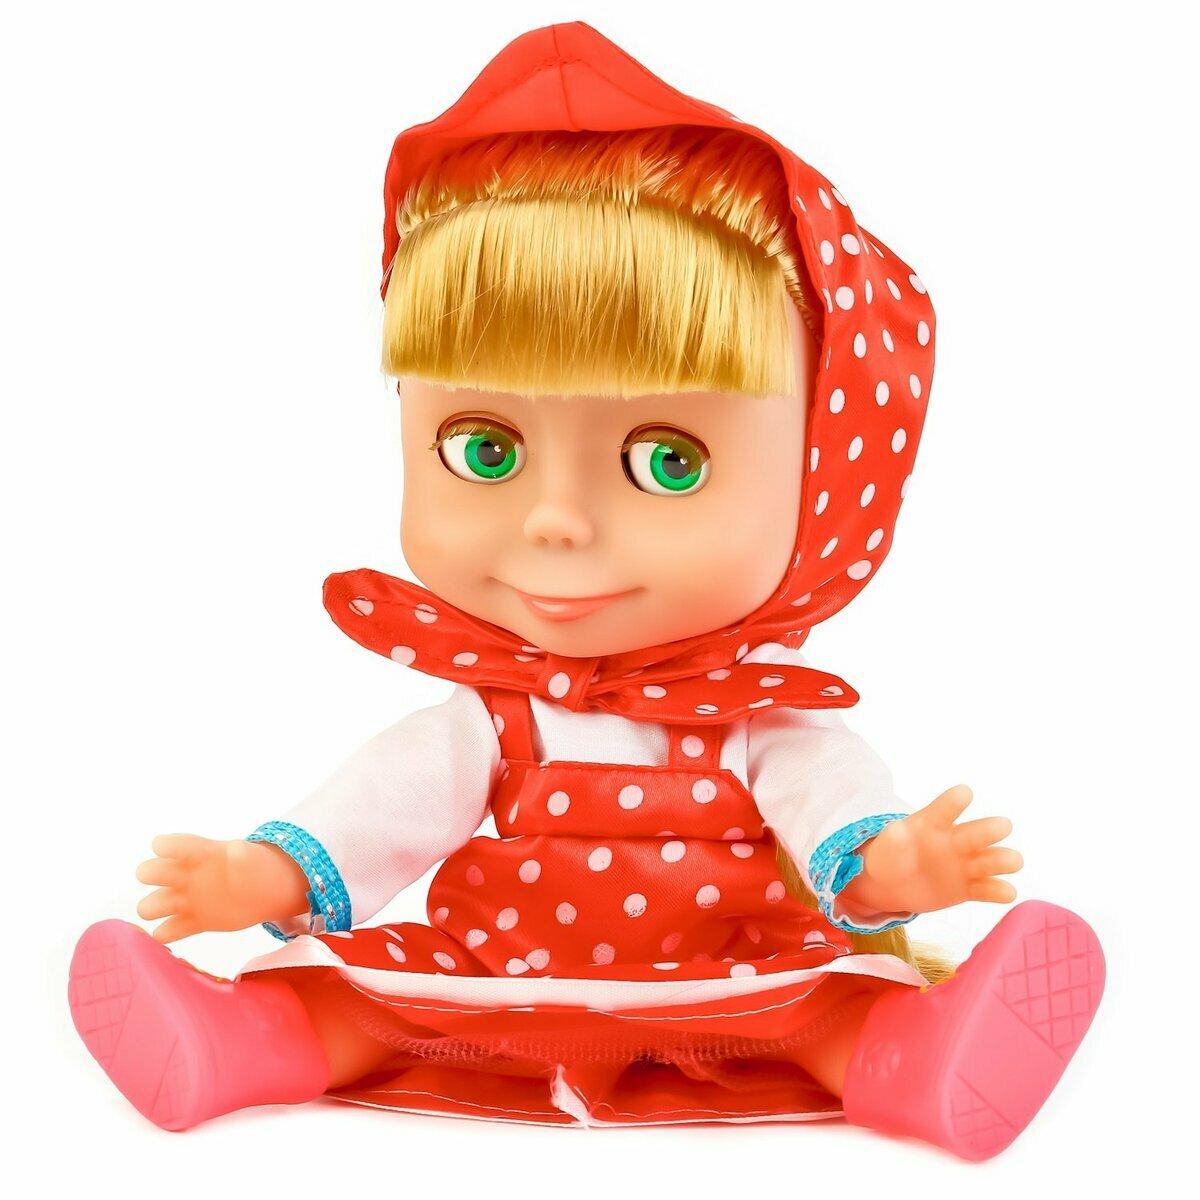 картинка в гостях у куклы маши сделать наиболее